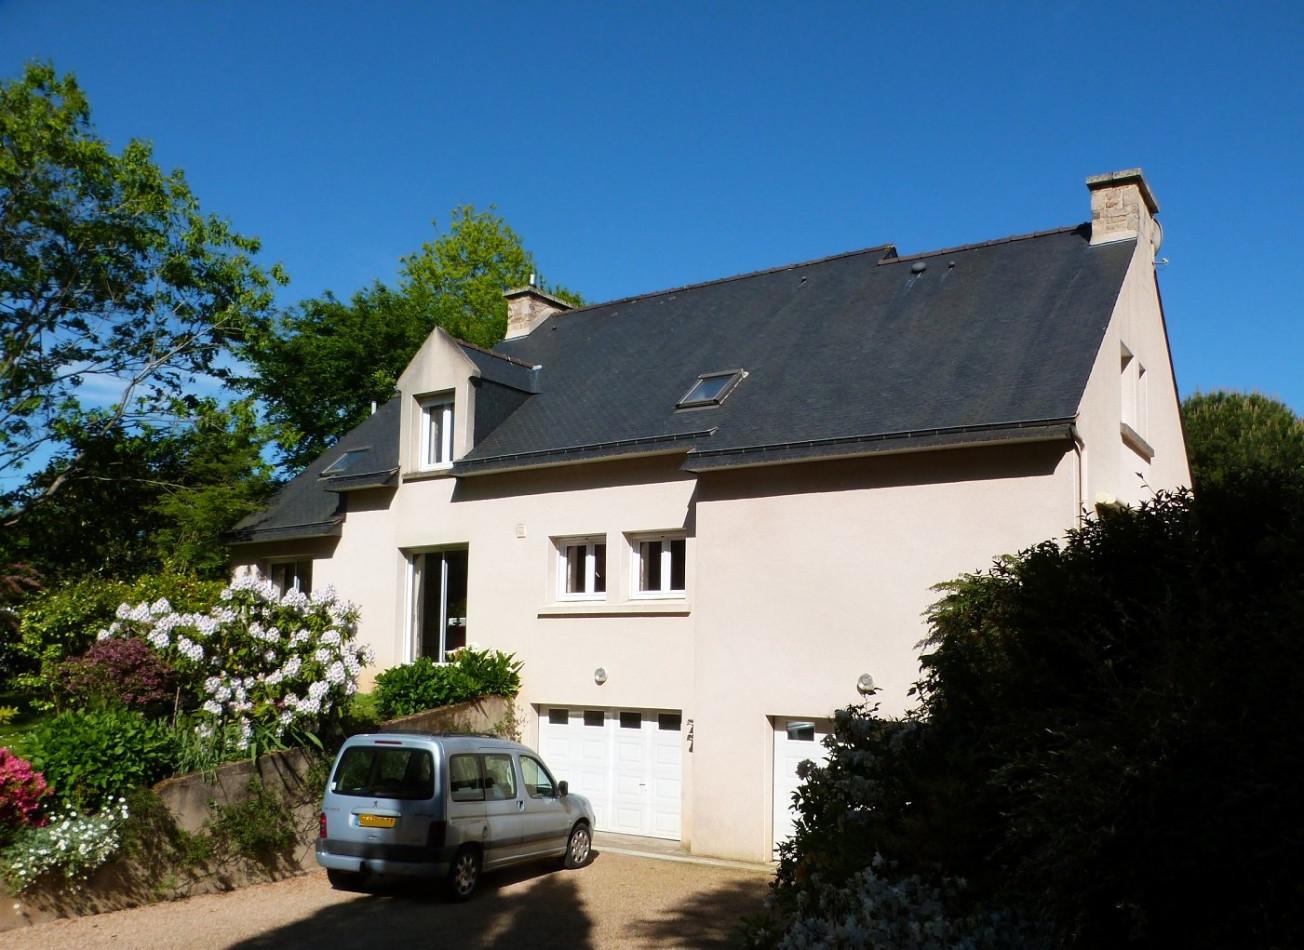 A vendre Plumeliau 7501196112 Sextant france